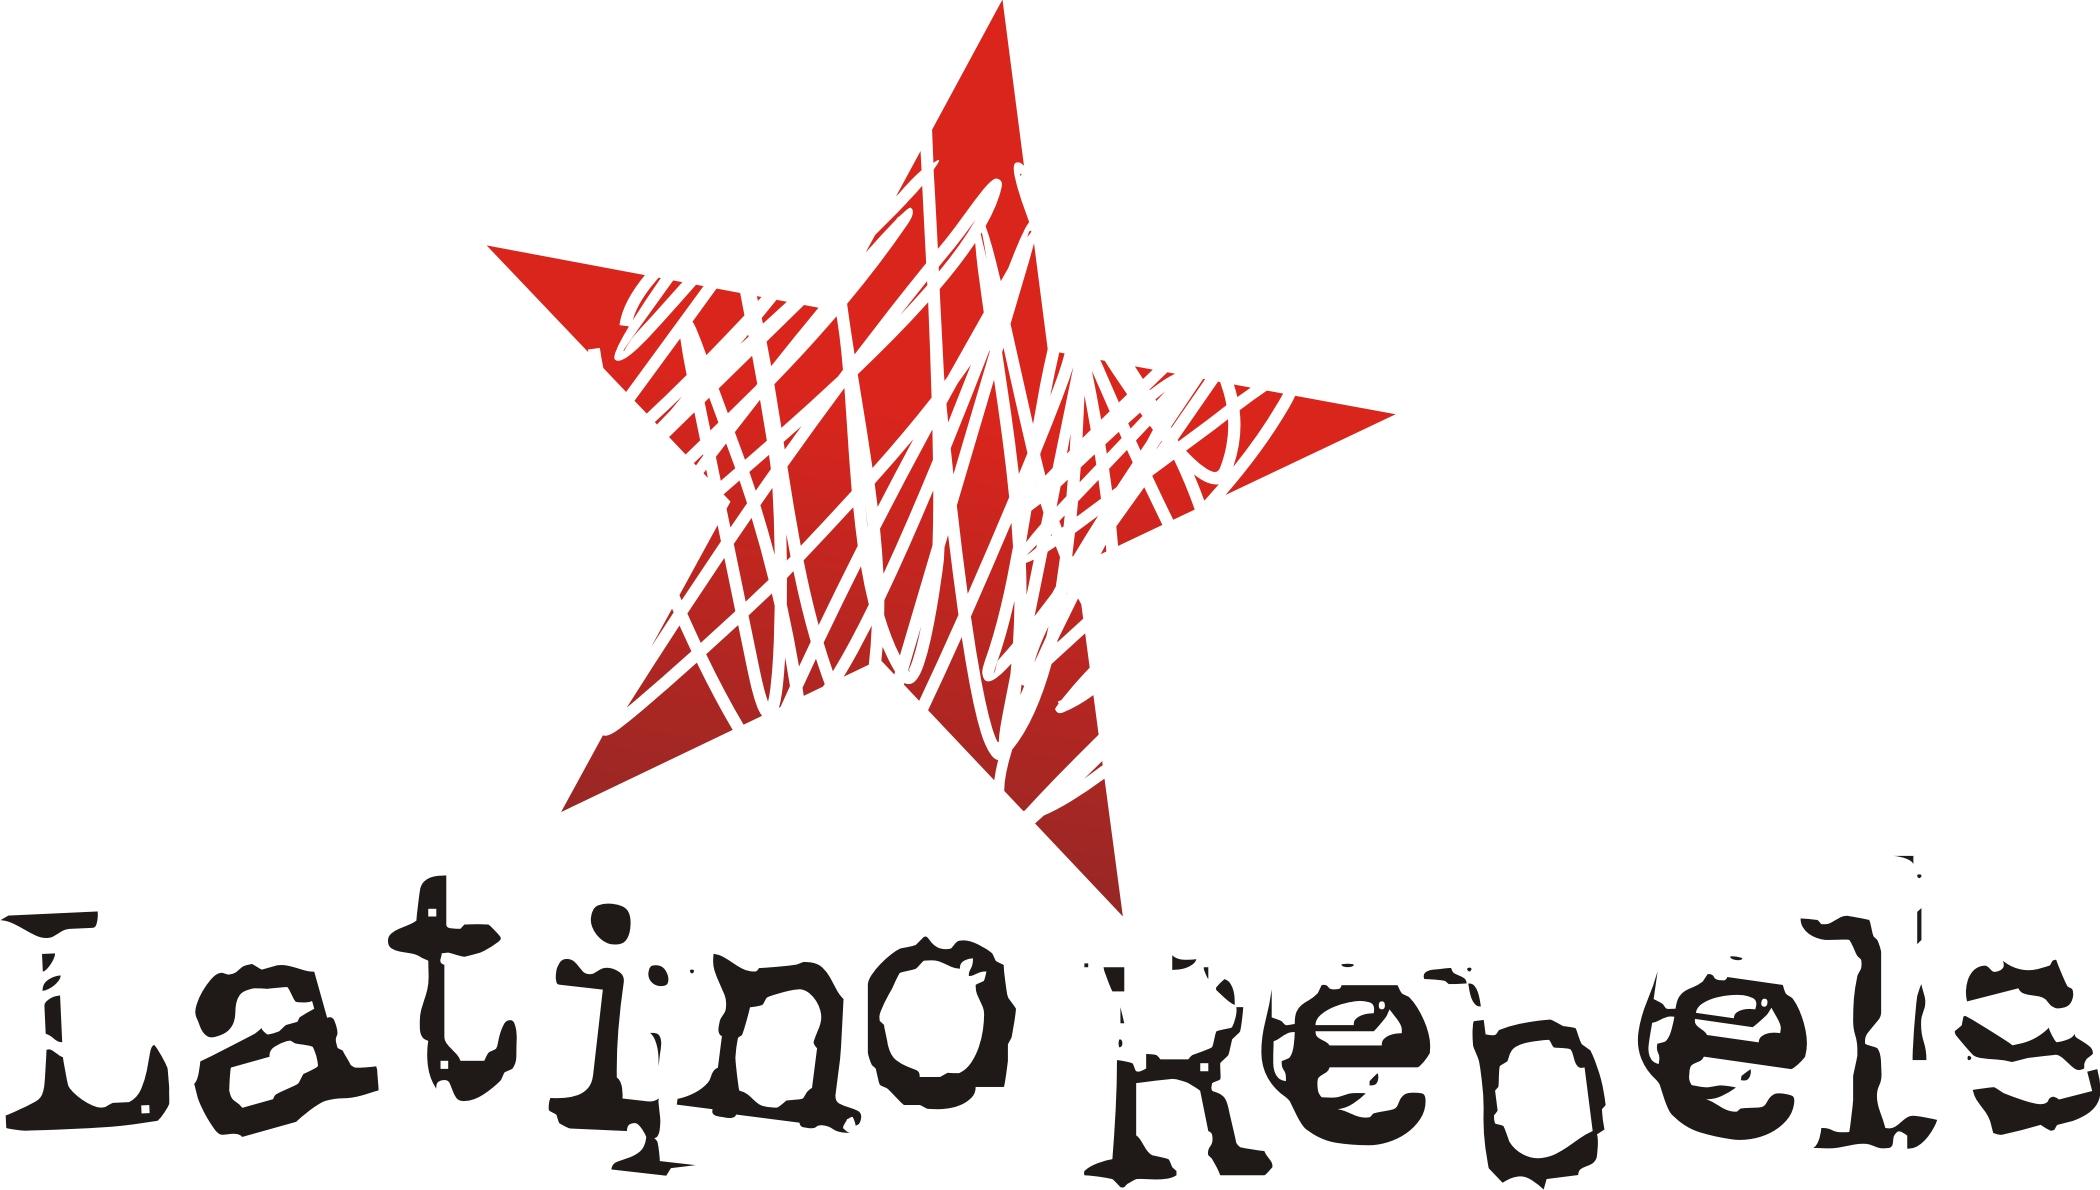 Latino_Rebel.jpg